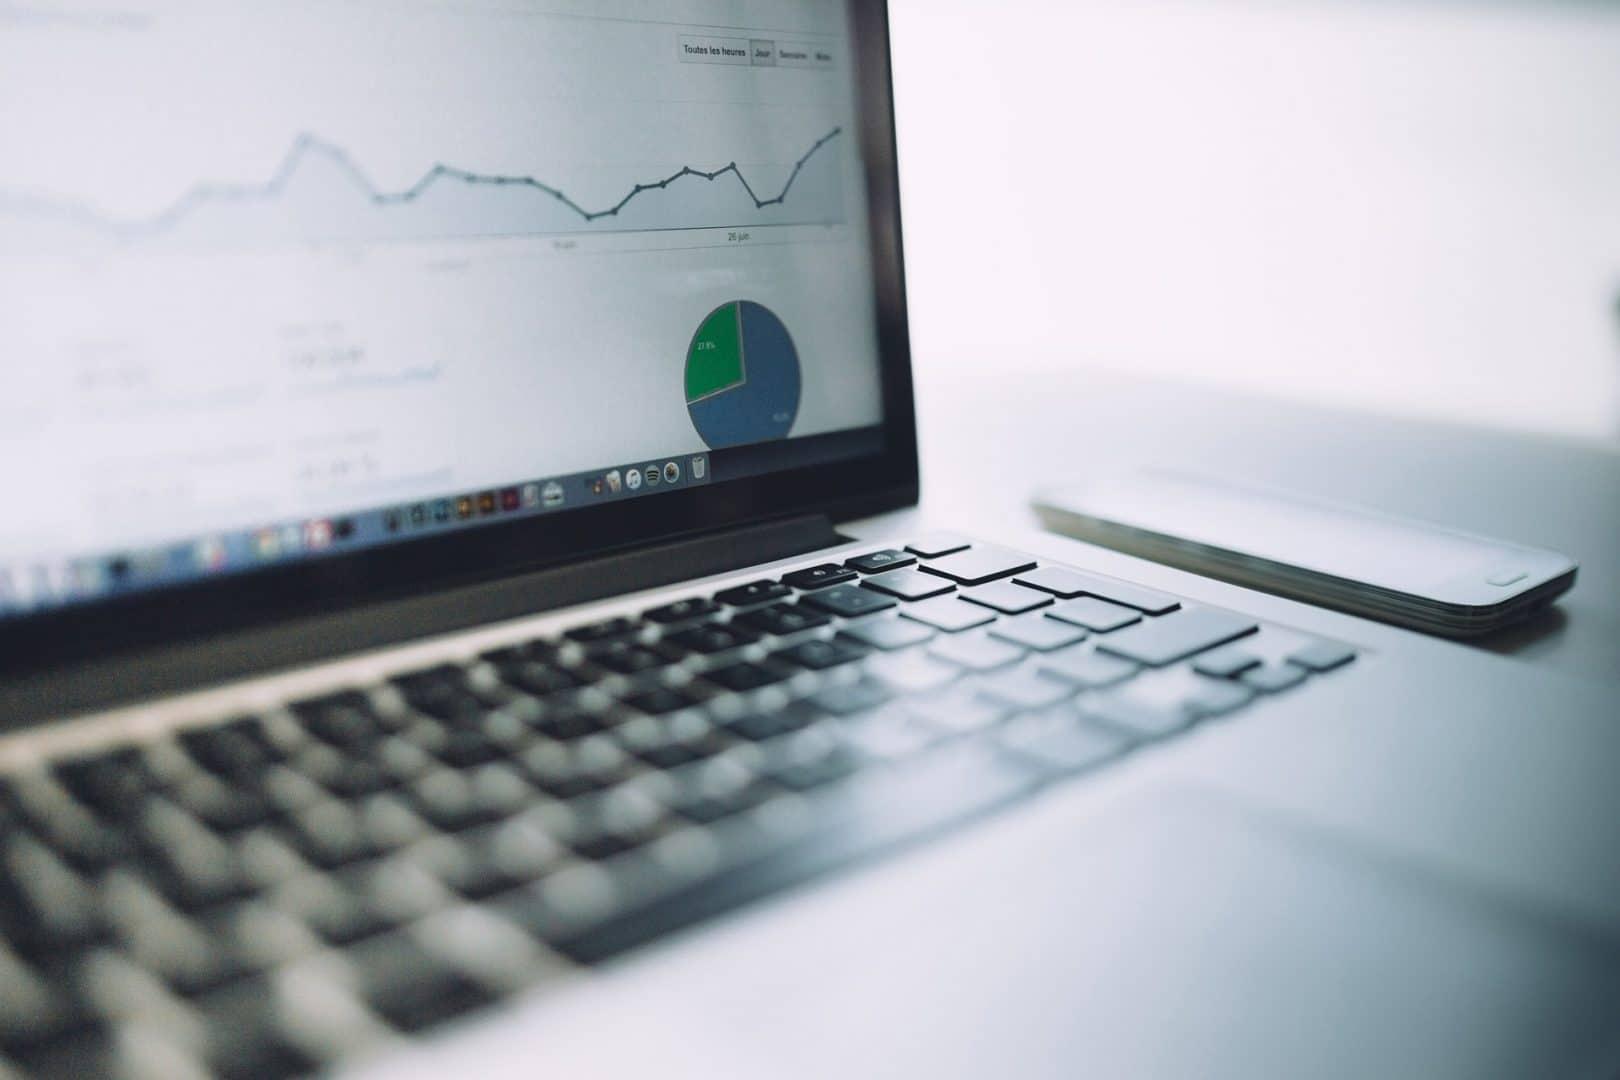 La CRE analyse l'augmentation de la concurrence sur les marchés de l'énergie suite à la suppression des TRV